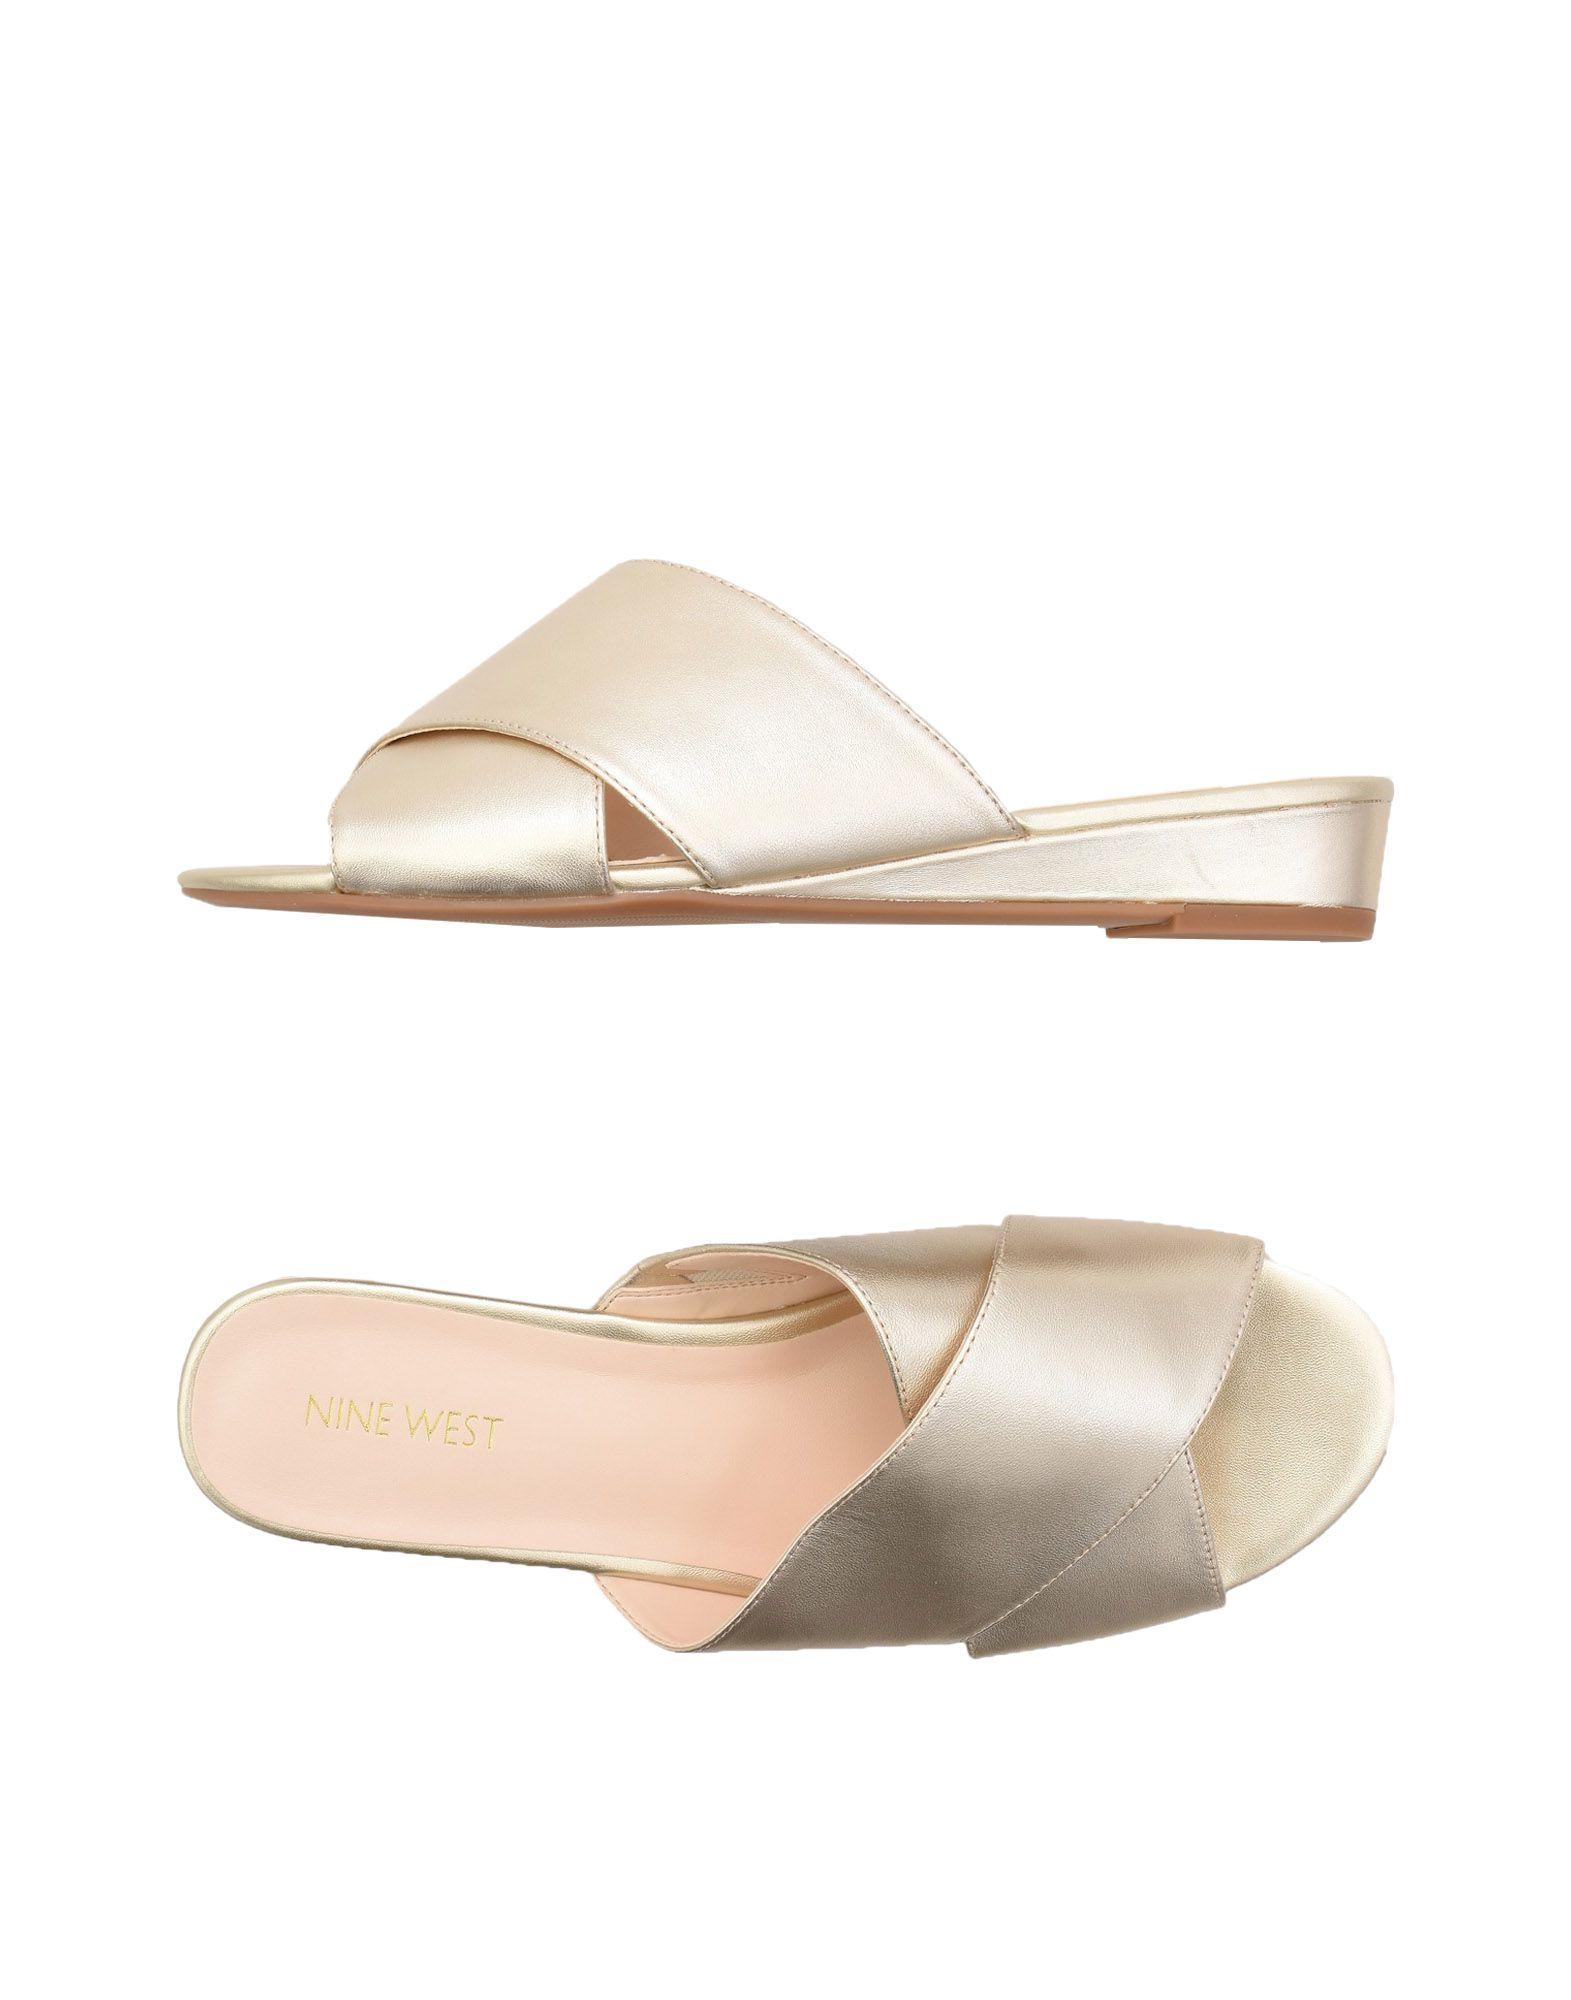 Nine West Sandalen Qualität Damen  11444278BN Gute Qualität Sandalen beliebte Schuhe c41b5f